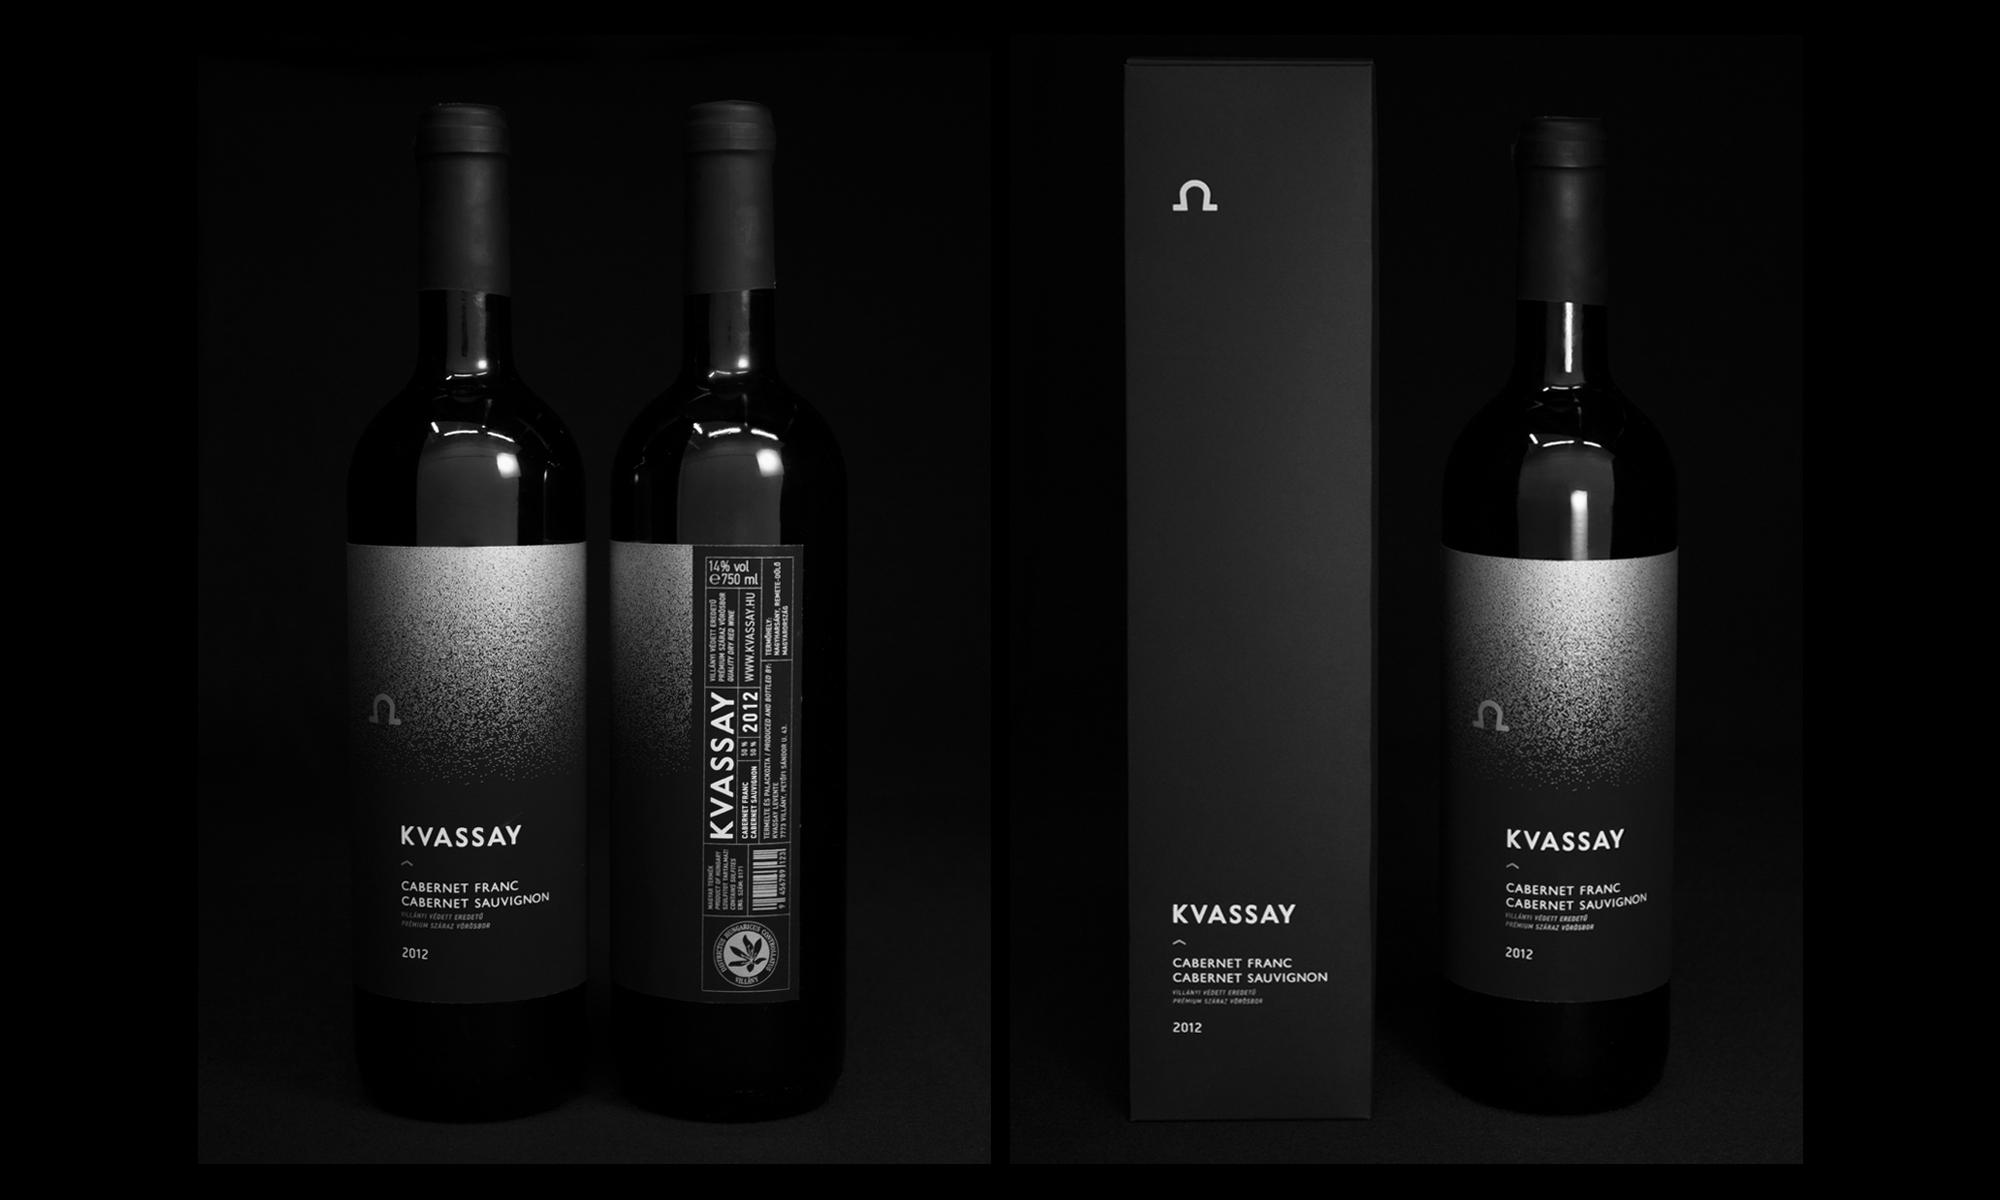 Kvassay wine label concept - Misztarka Eszter 01.jpg